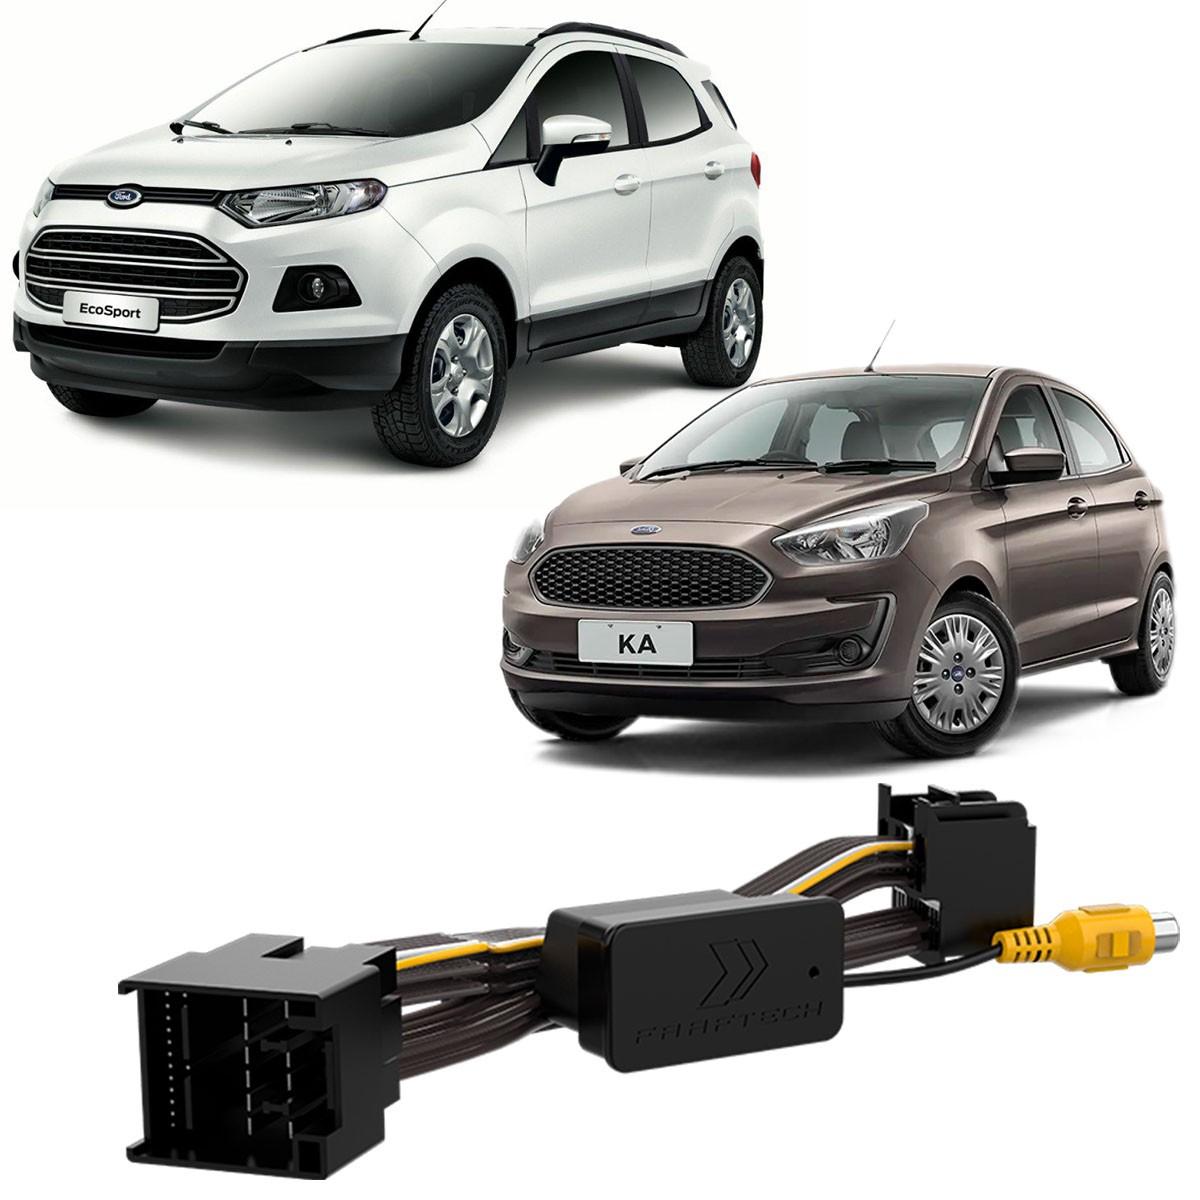 Chicote para Desbloqueio de Câmera Ford Ka Ecosport Faaftech FT-RC-FRD